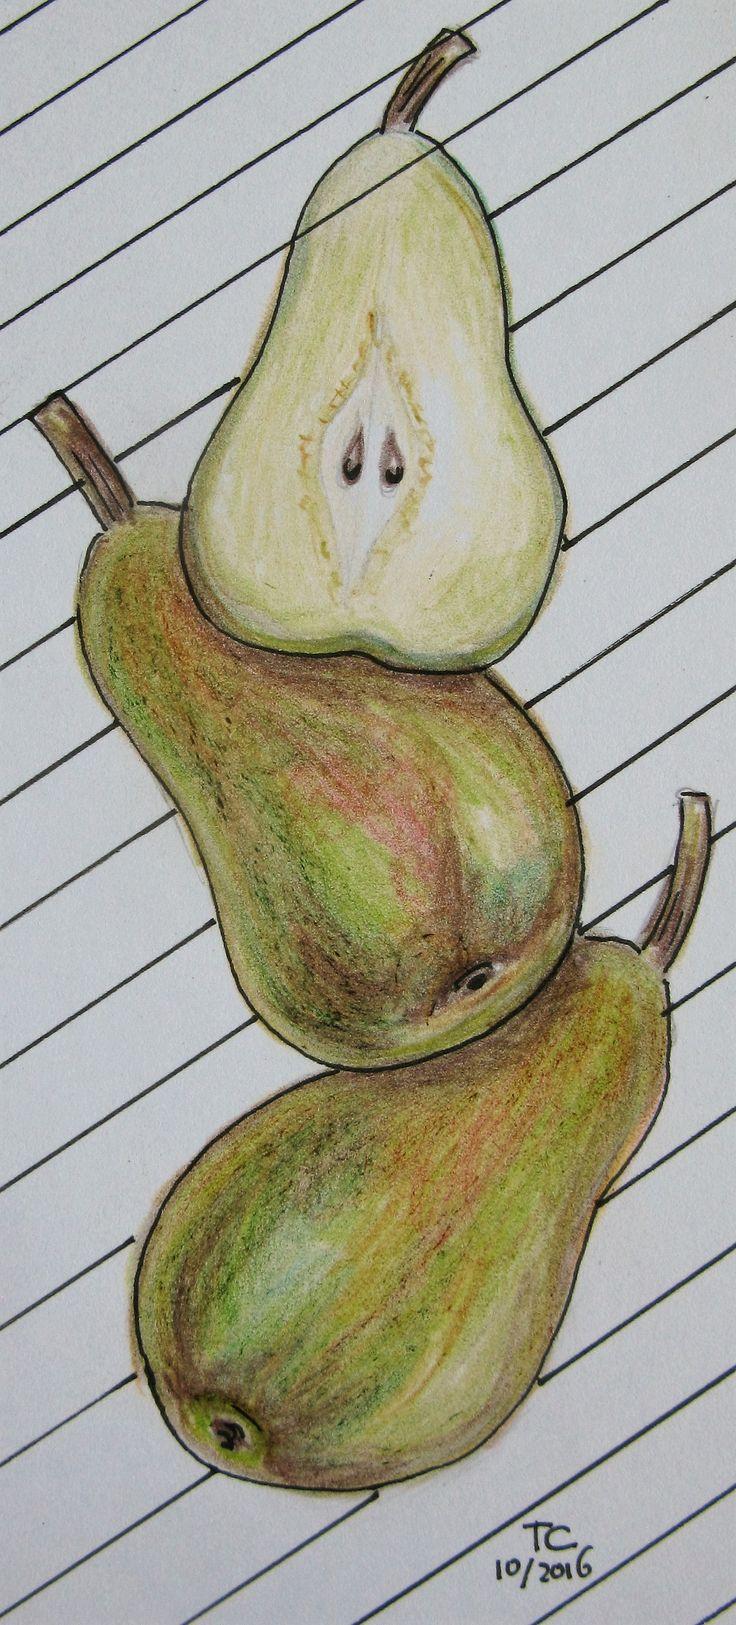 Food illustratie peren kleurpotlood gemaakt door Tonny Cooyman